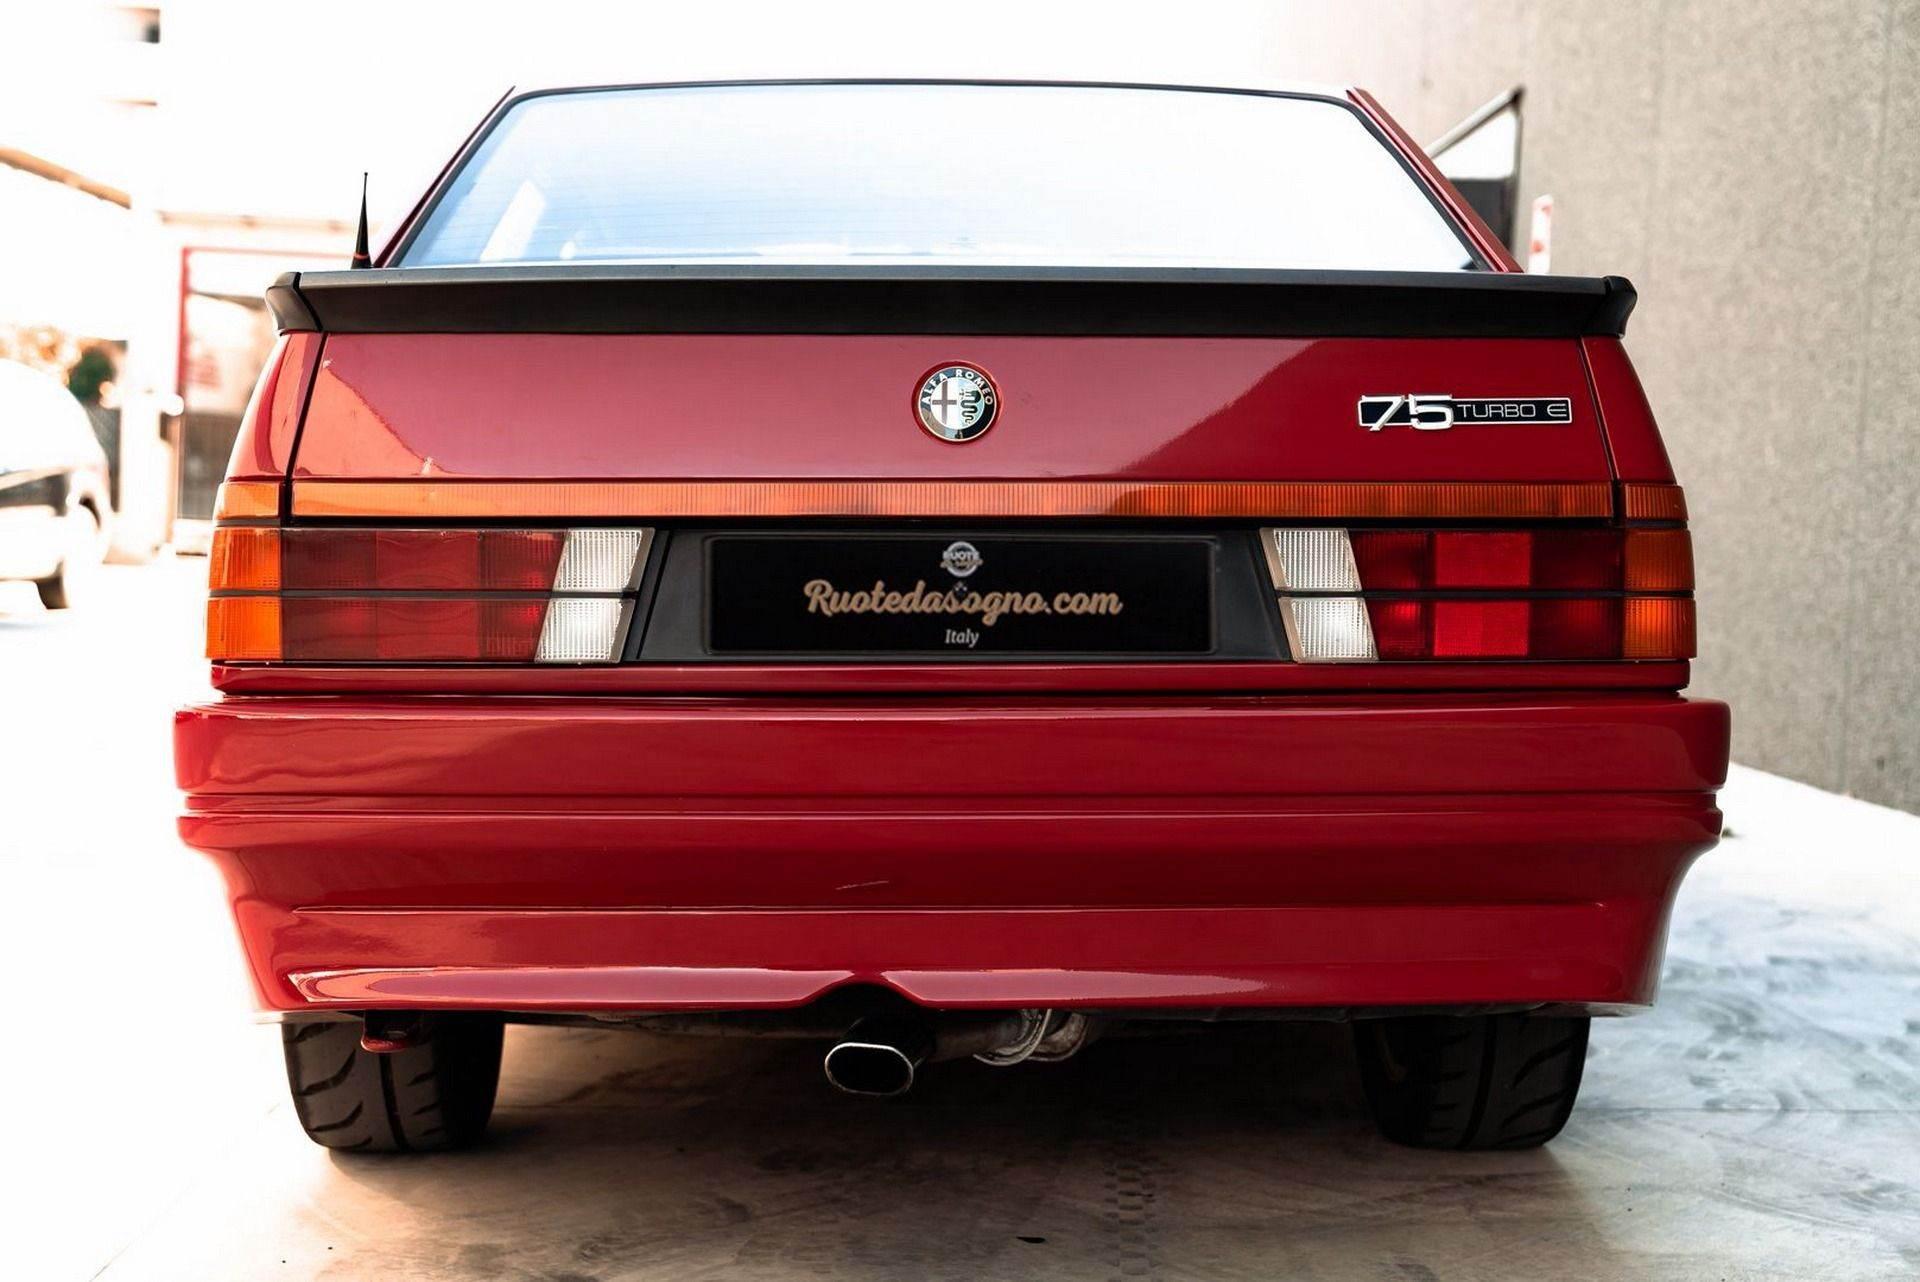 1987_Alfa_Romeo_75_Turbo_Evoluzione_sale-0017